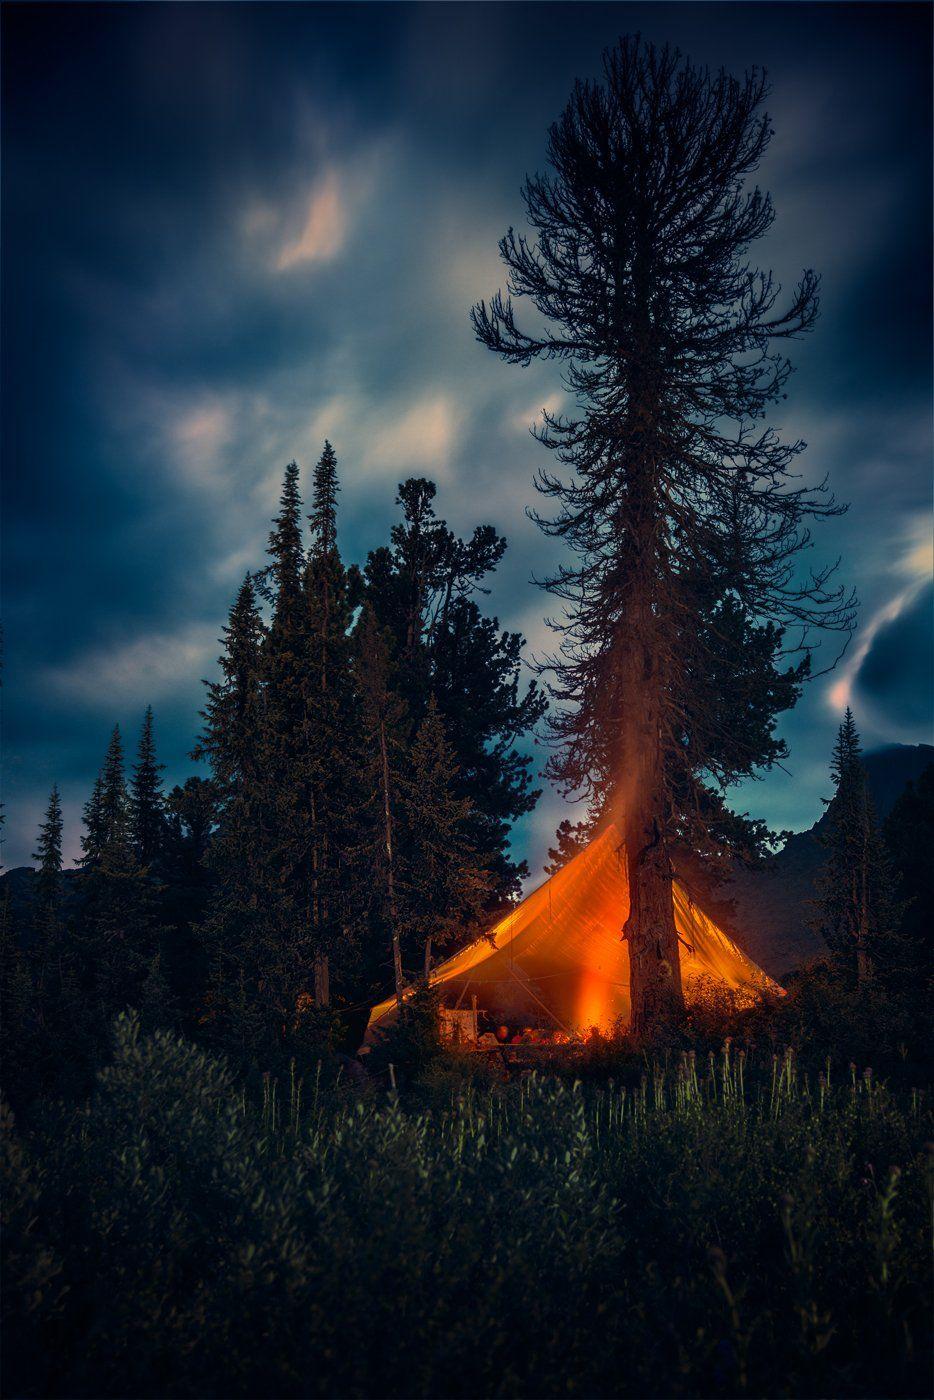 пейзаж, landscape, природа, nature, вечер, evening, поздний, late, ночь, dusk, night, темный, dark, красный, red, mounts, mountains, горы, taiga, тайга, forest, лес, ergaki, ергаки, siberia, сибирь, krasnoyarski krai, красноярский край, range, хребет, big, Дмитрий Антипов